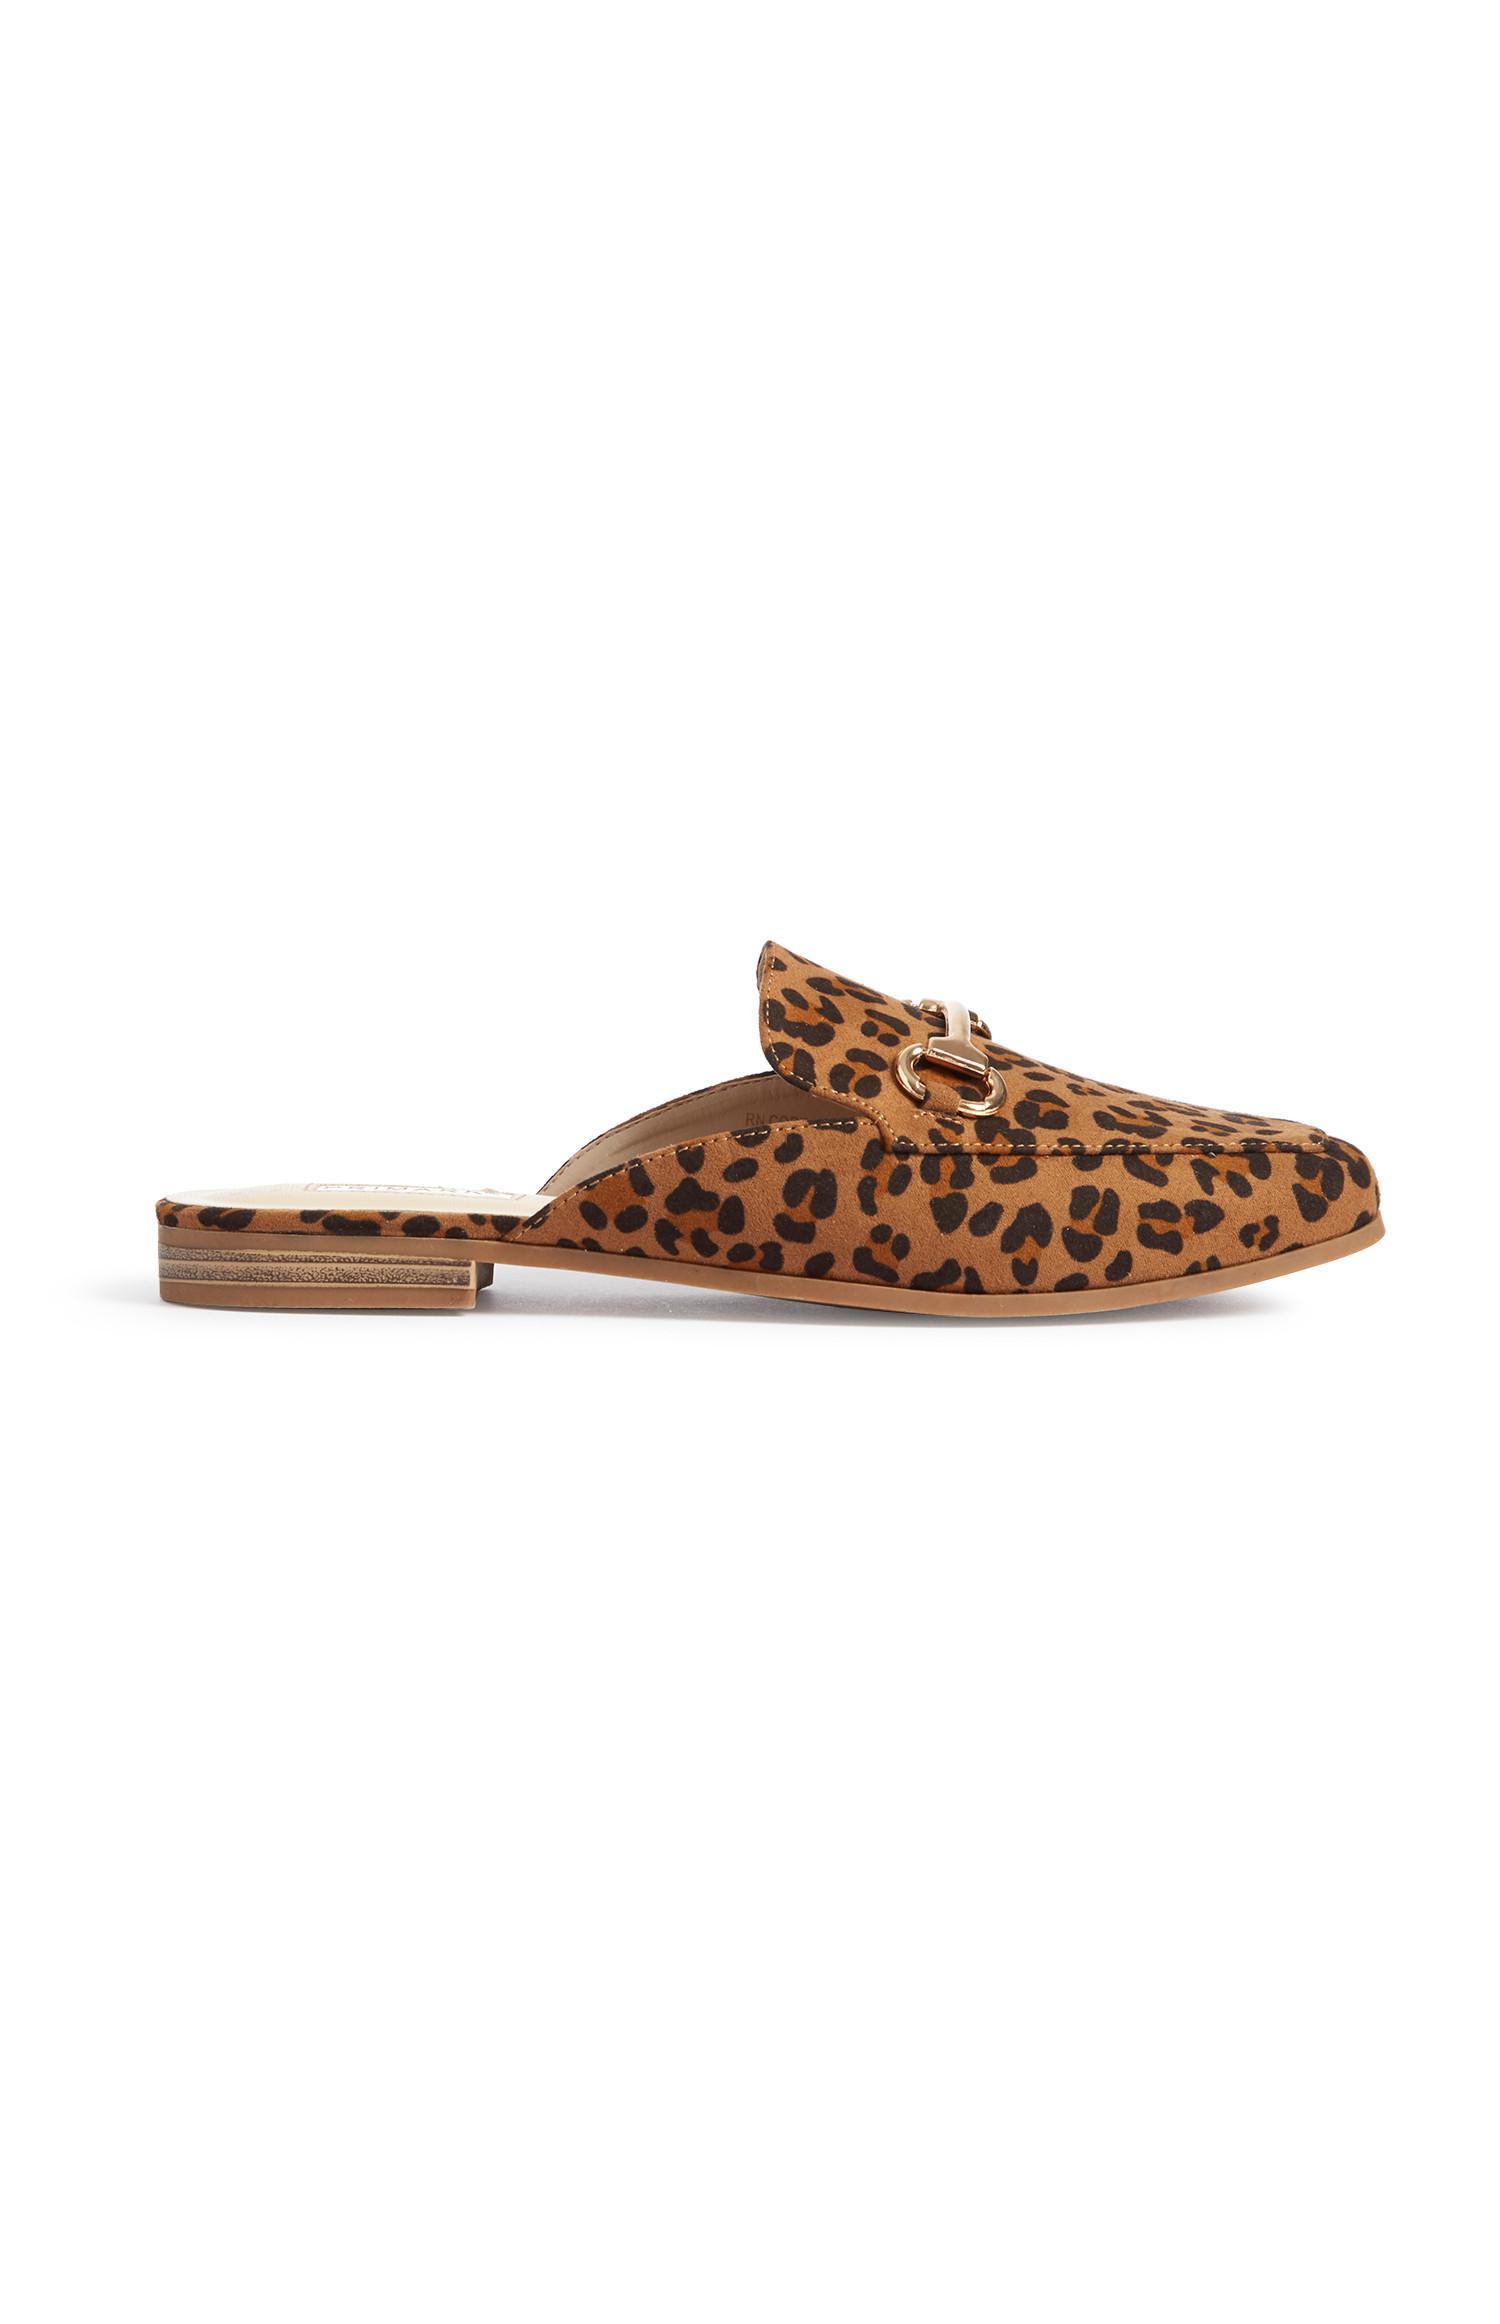 Loafers padrão leopardo